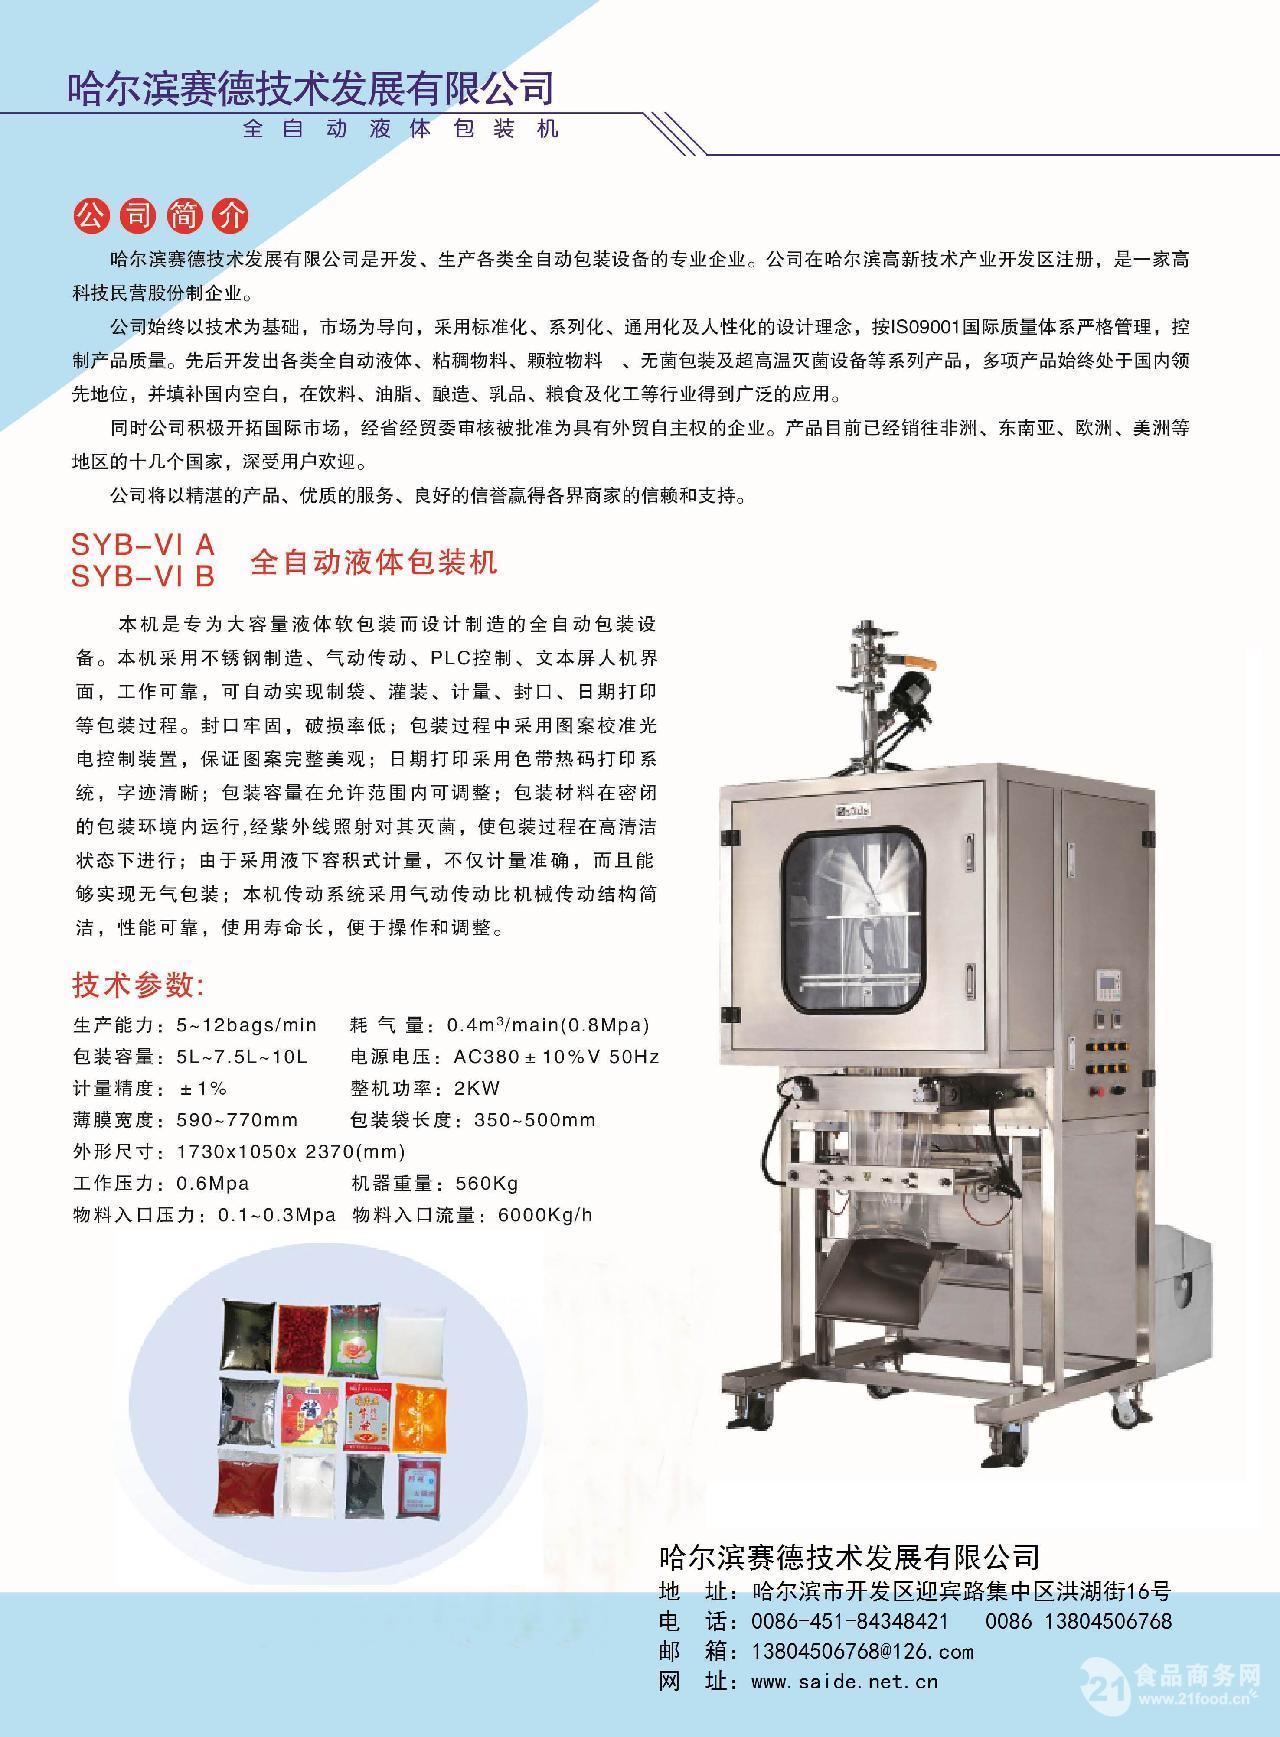 SYB-VIB型牛油、羊油、动物油大容量包装机